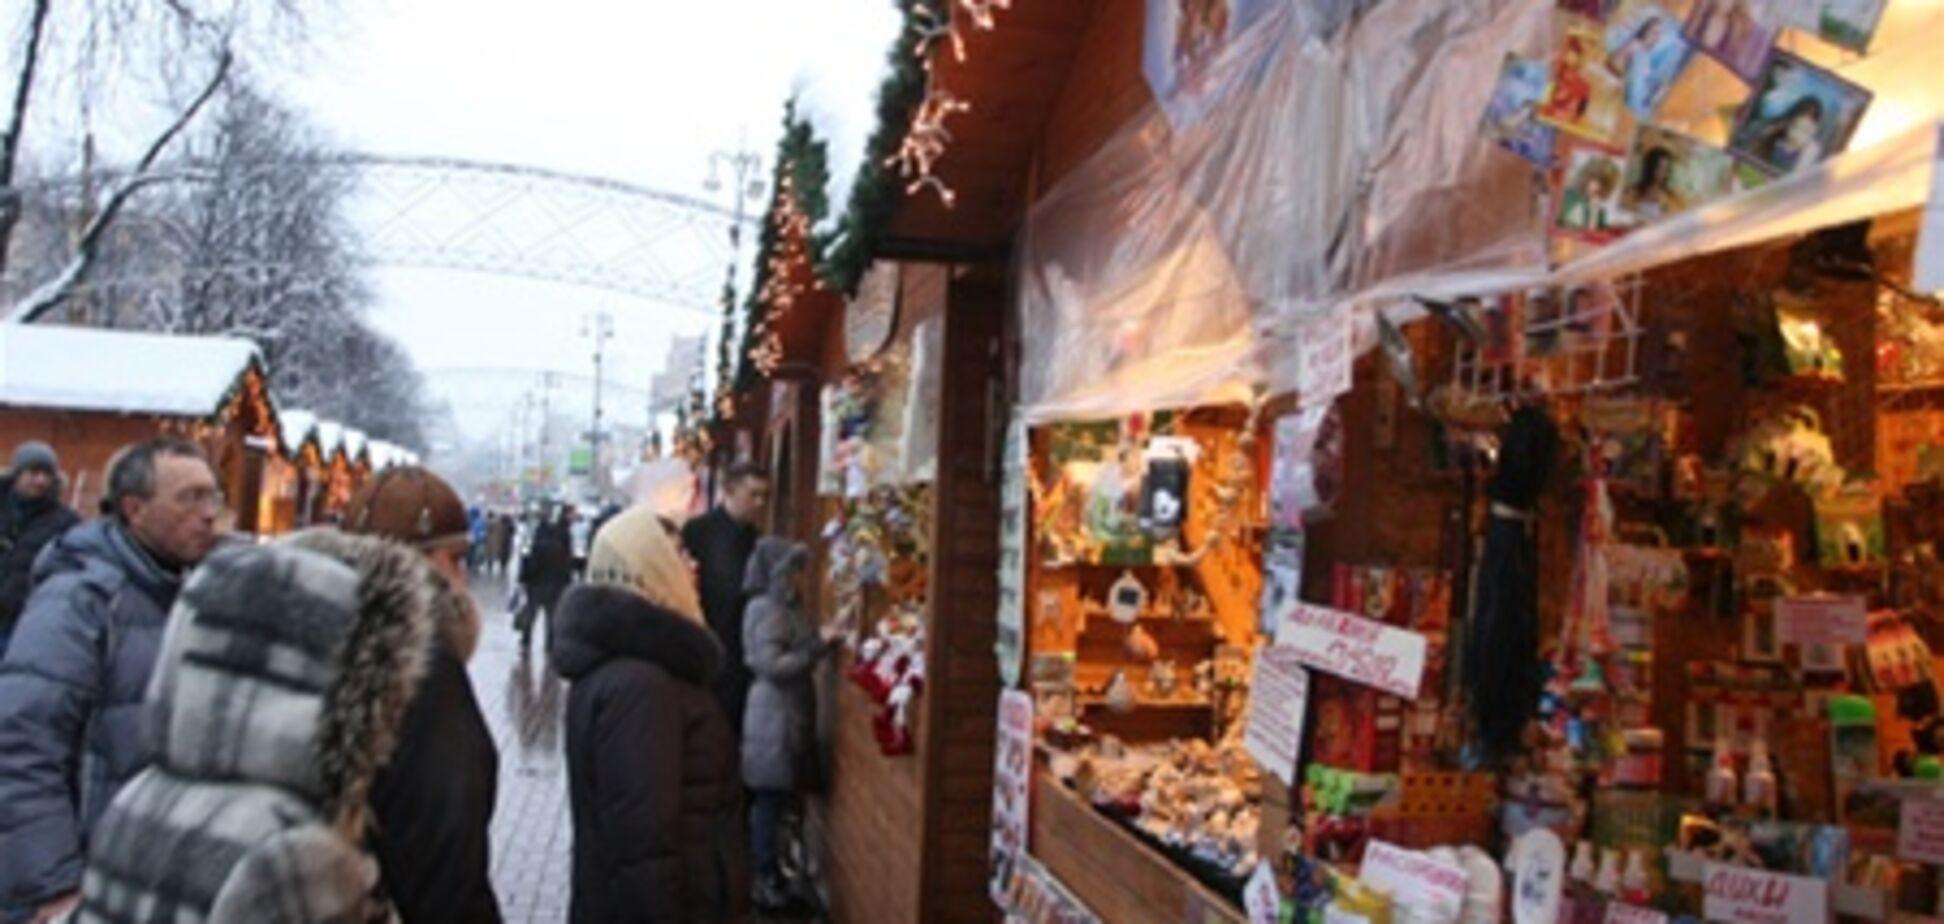 Выходные в Киеве: предновогодние, антикварные или с собаками